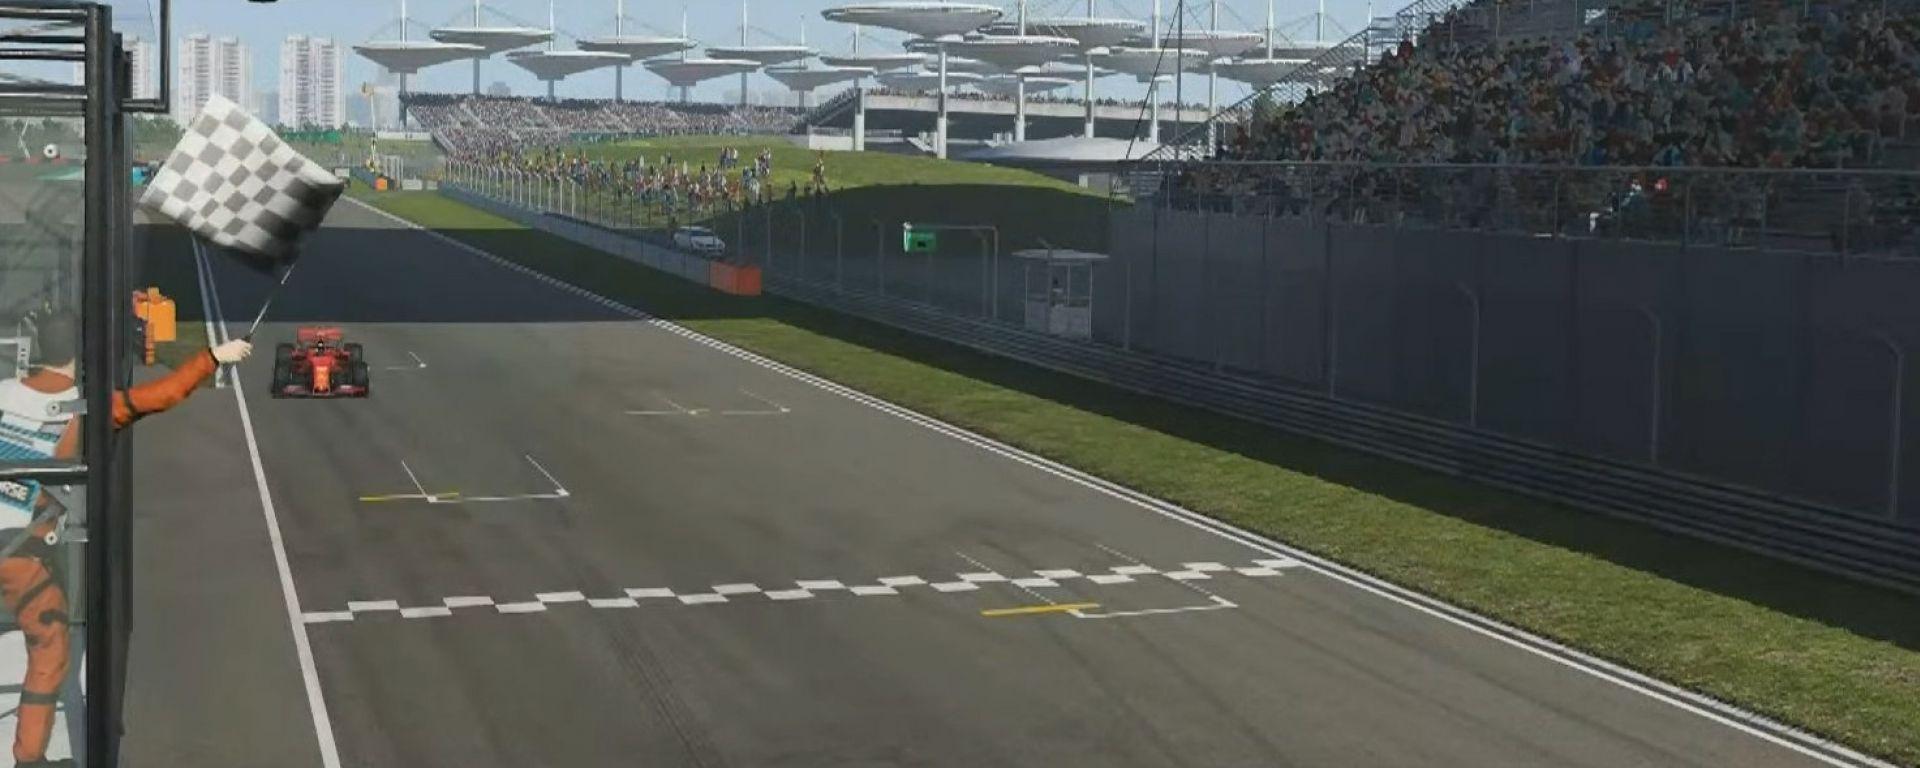 F1 VirtualGP Cina: Charles Leclerc (Ferrari) transita sotto la bandiera a scacchi di Shanghai